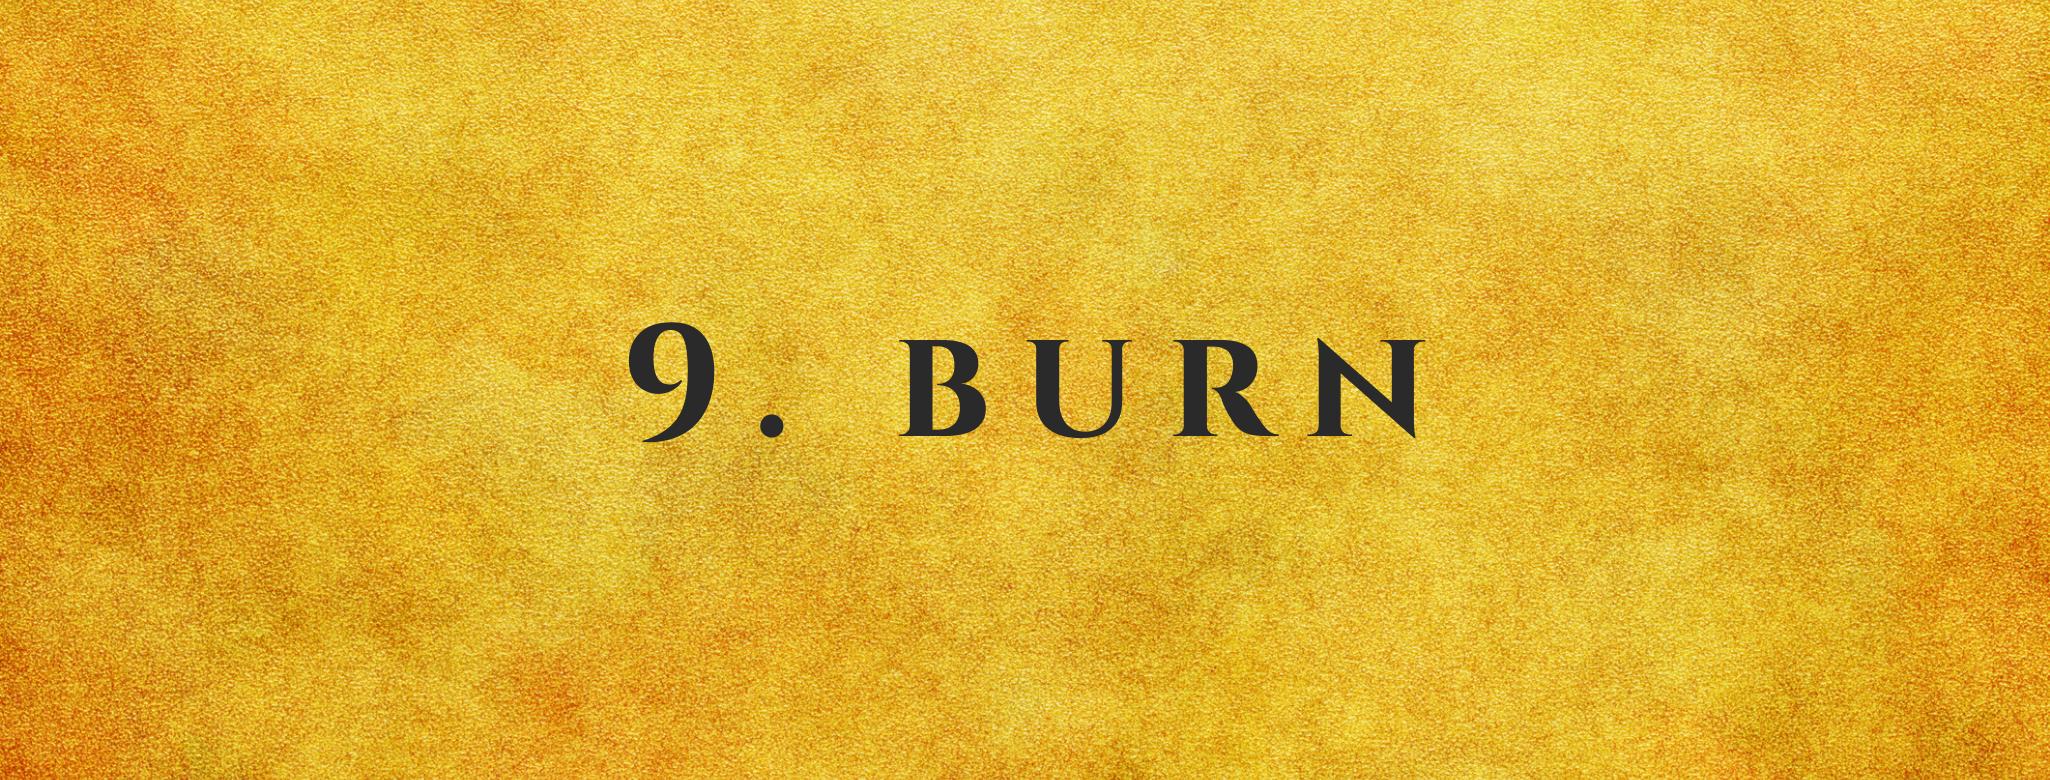 #9 Burn